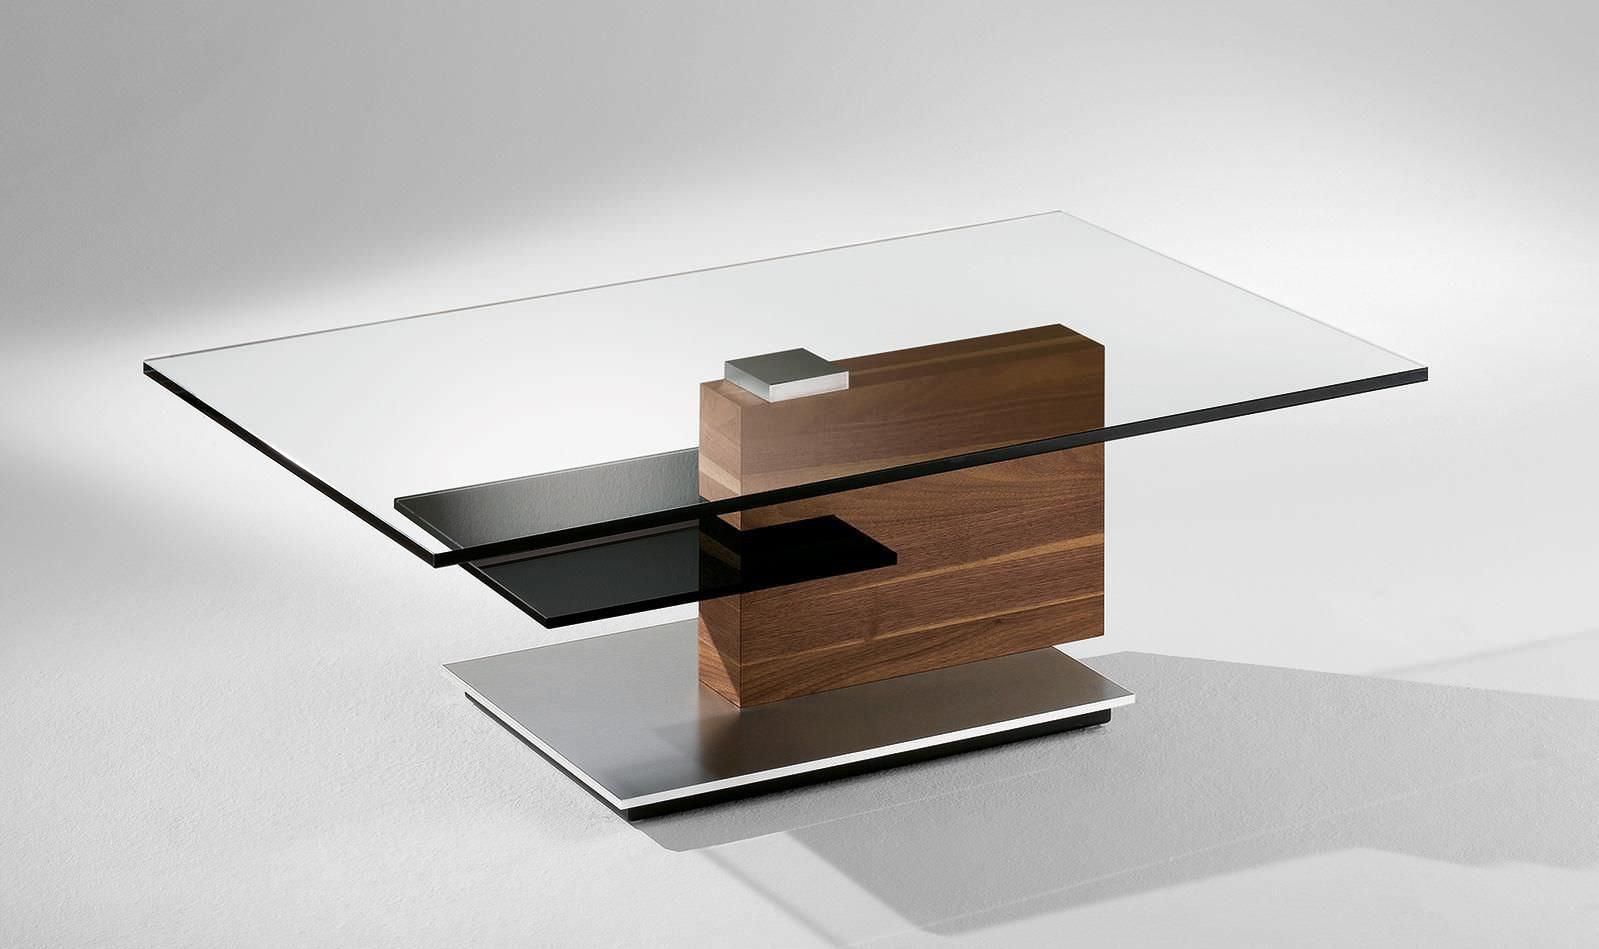 Couchtisch Aus Holz Moderner Couchtisch Holz Glas Rechteckig With